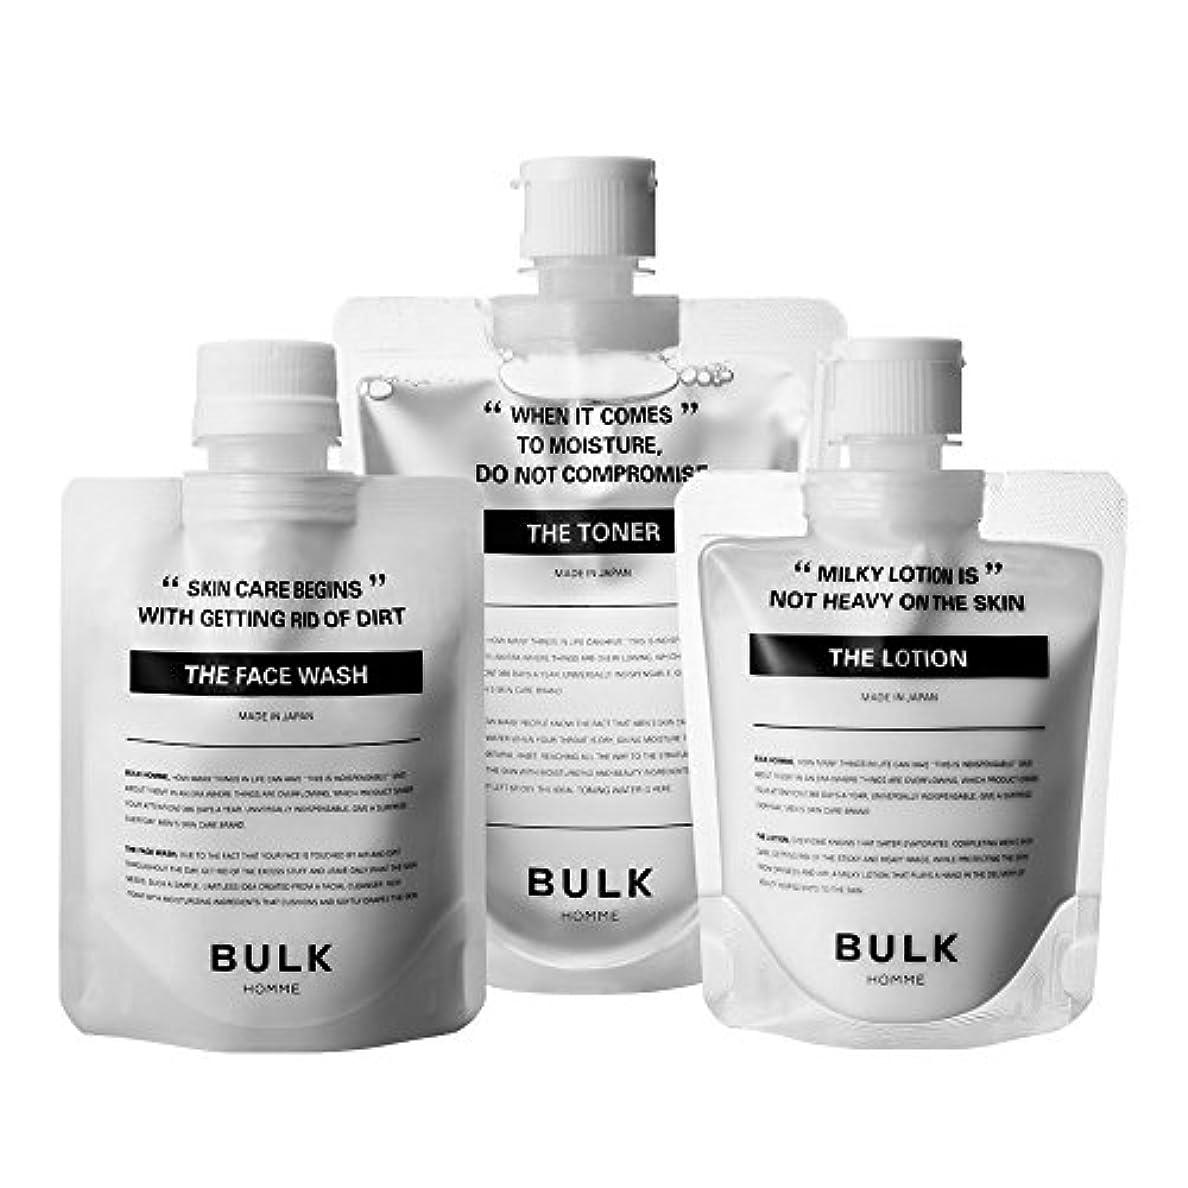 チャンバー現実優先権バルクオム (BULK HOMME) バルクオム フェイスケアセット(メンズスキンケア) 洗顔&化粧水&乳液 プレゼント袋なし